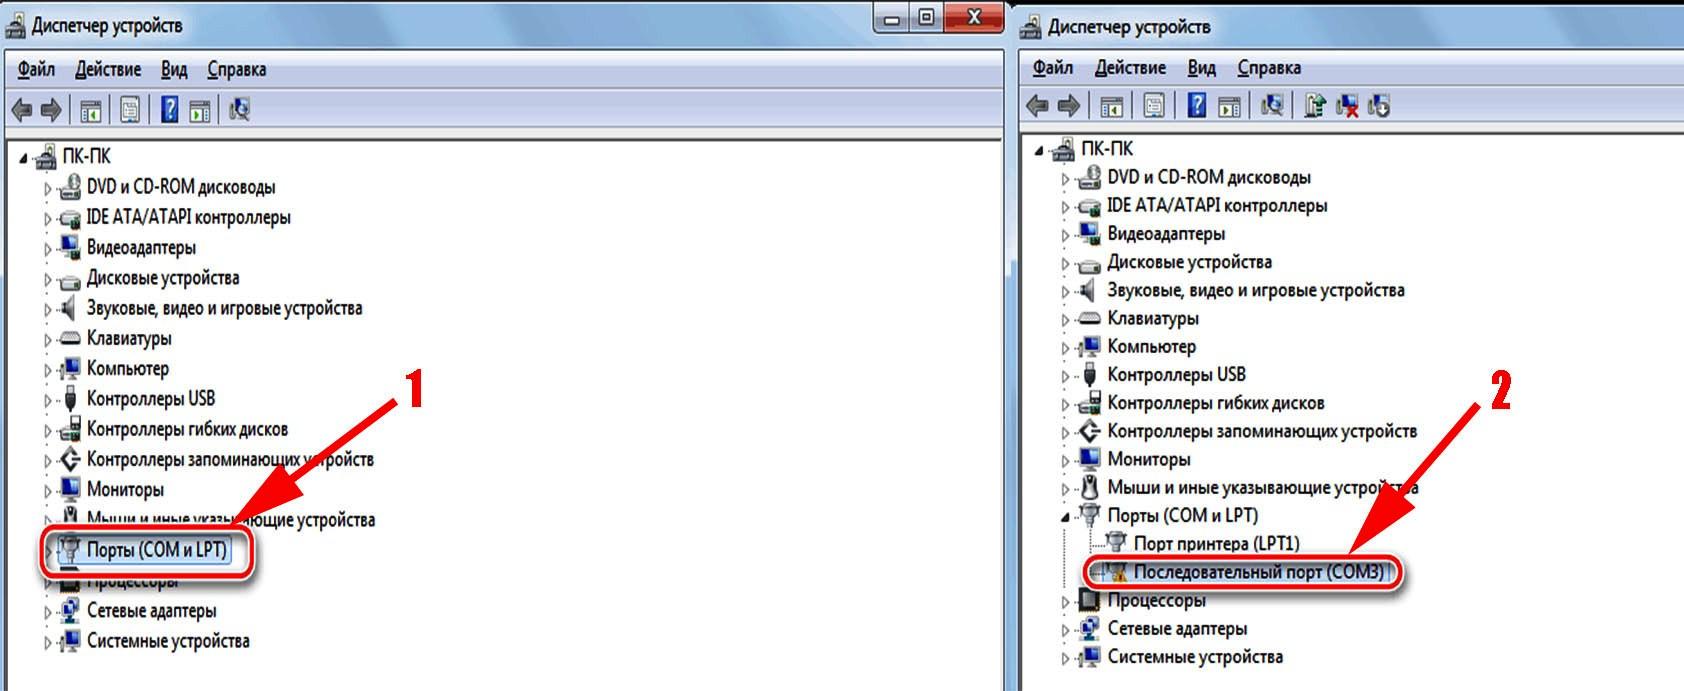 Находим Порты (COM и LPT1) в диспетчере устройств